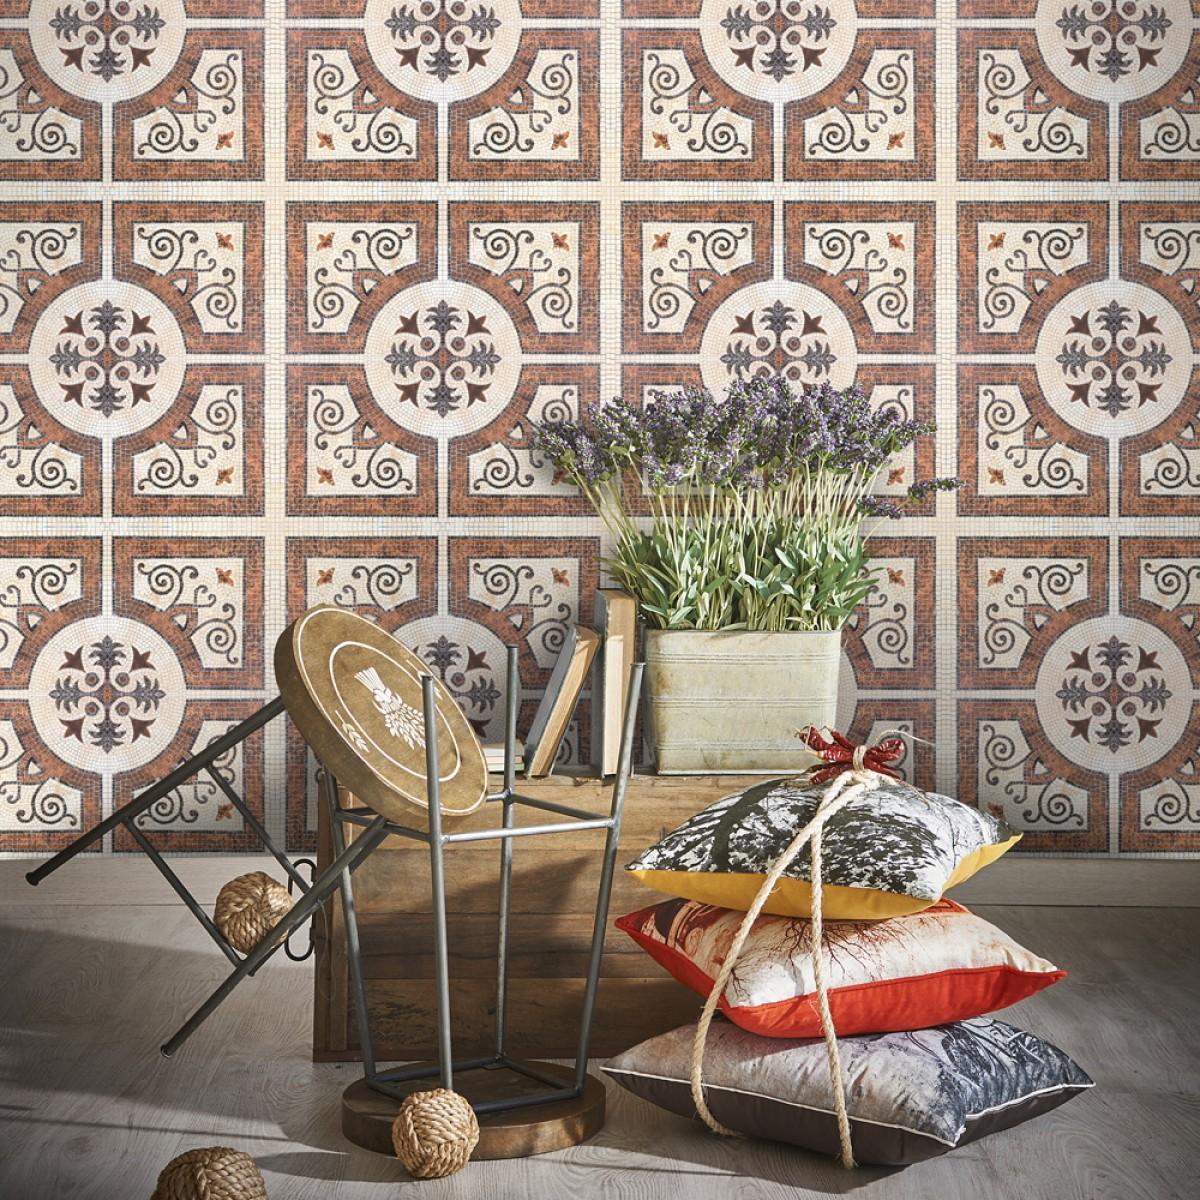 Tapet designer World Culture Byzantine tile, MINDTHEGAP